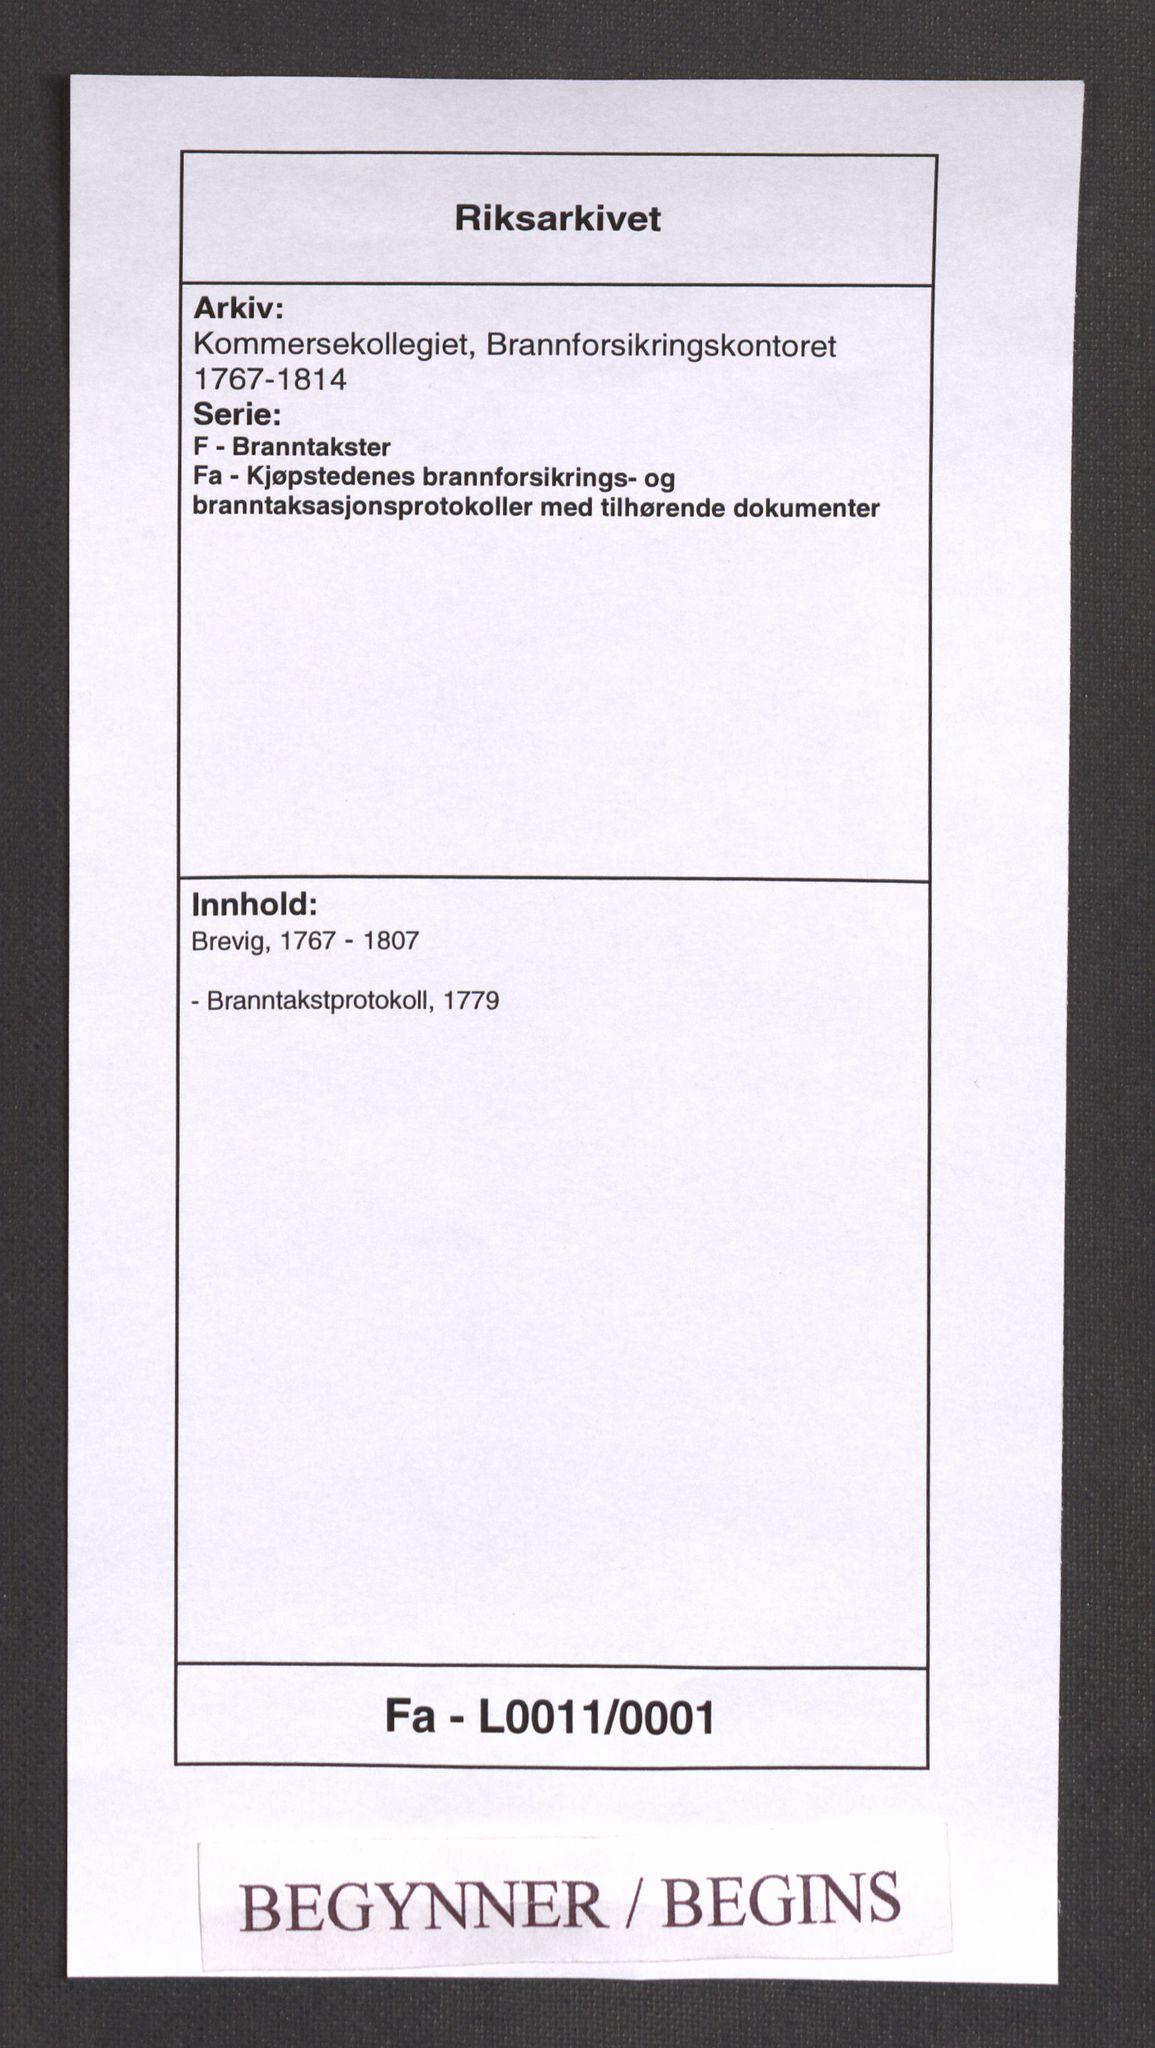 RA, Kommersekollegiet, Brannforsikringskontoret 1767-1814, F/Fa/L0011: Brevik, 1779